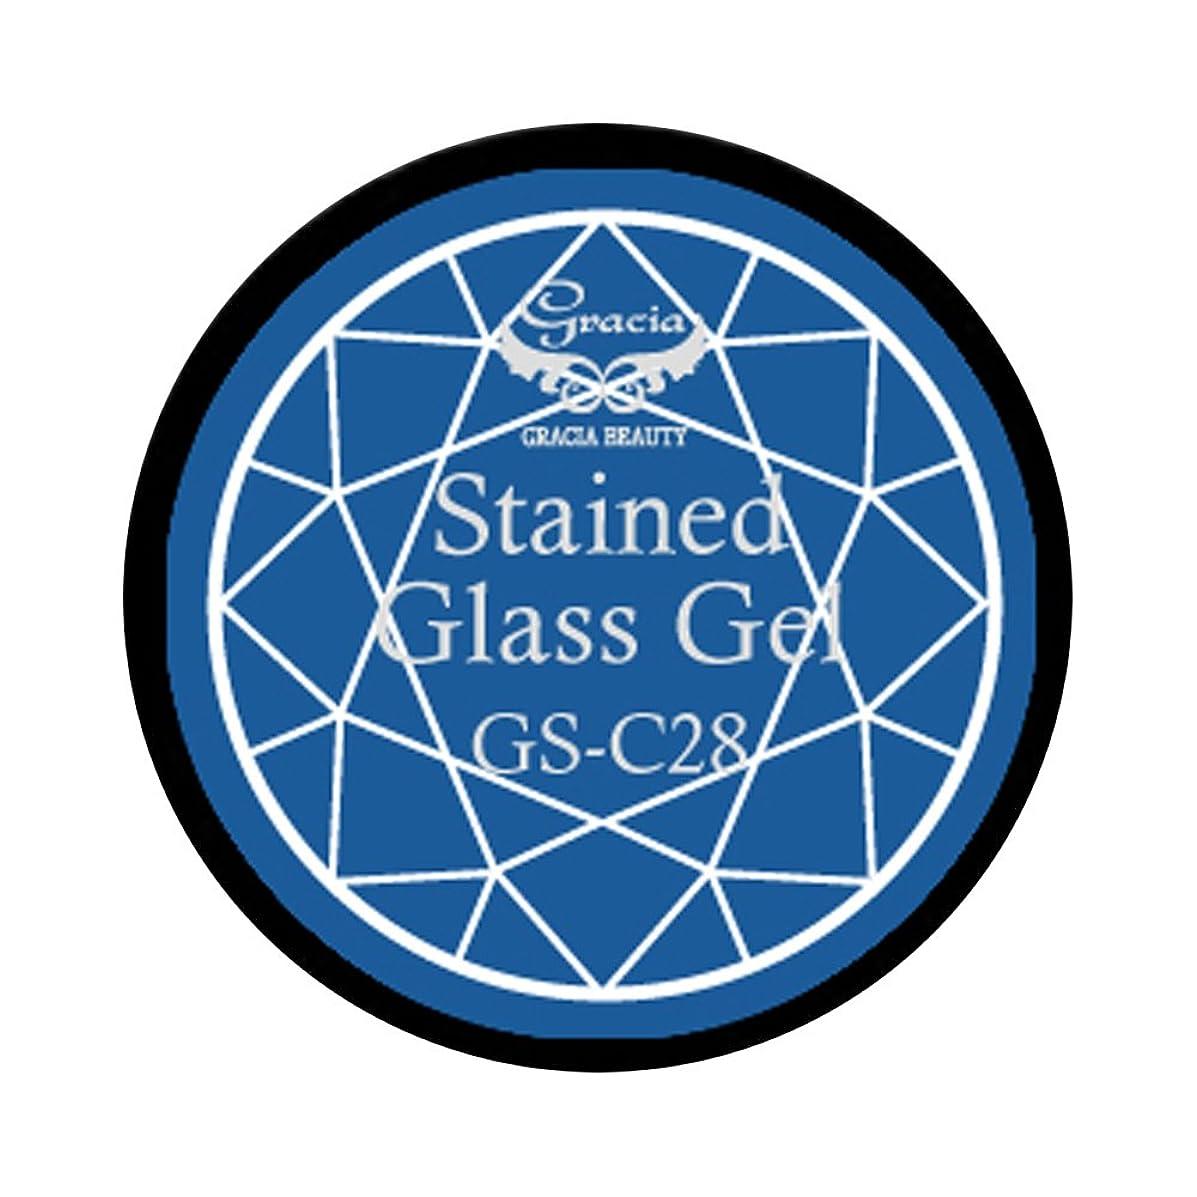 勧告ガチョウいっぱいグラシア ジェルネイル ステンドグラスジェル GSM-C28 3g  クリア UV/LED対応 カラージェル ソークオフジェル ガラスのような透明感